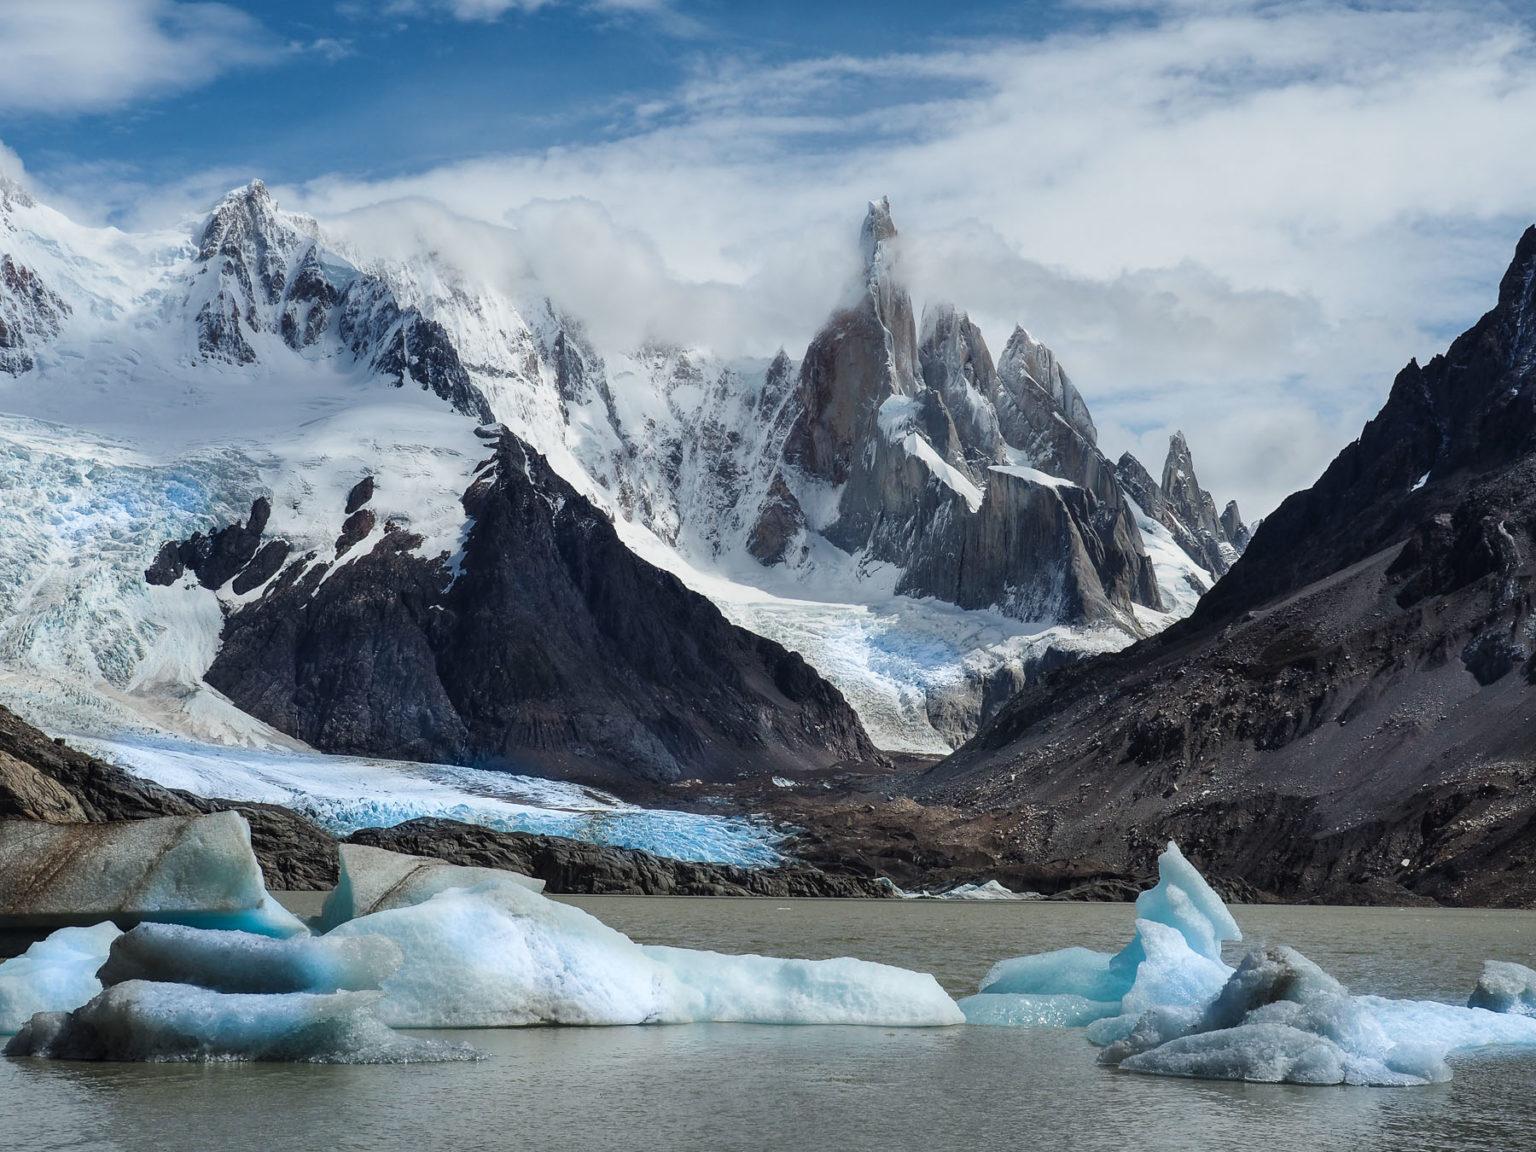 Der schönste Blick in ganz Patagonien